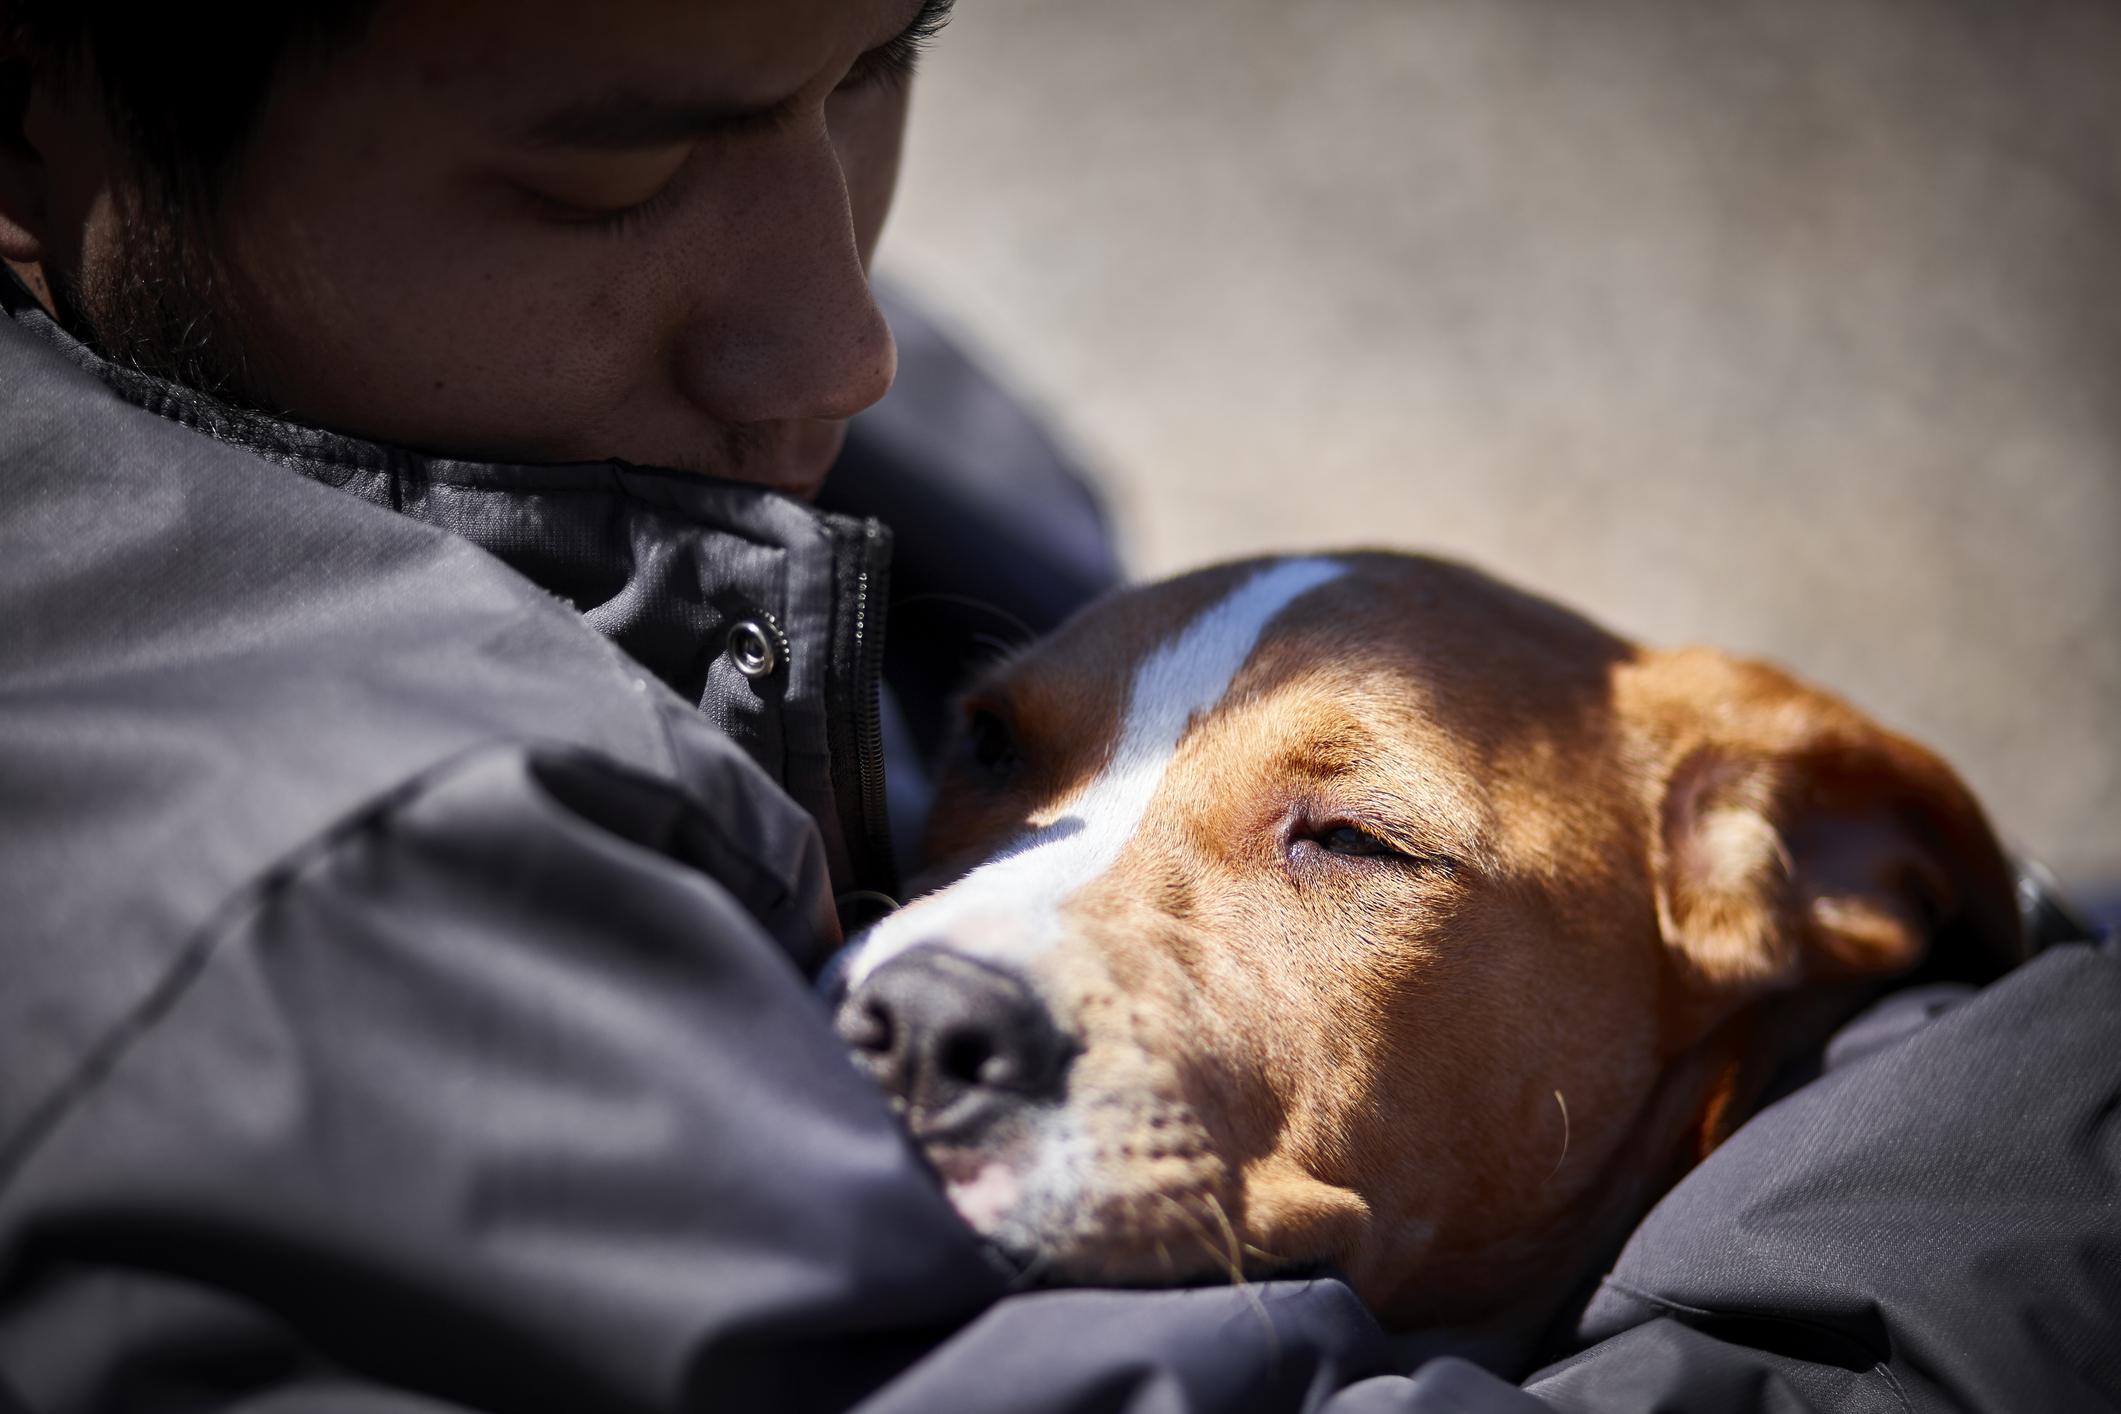 Man holding dog